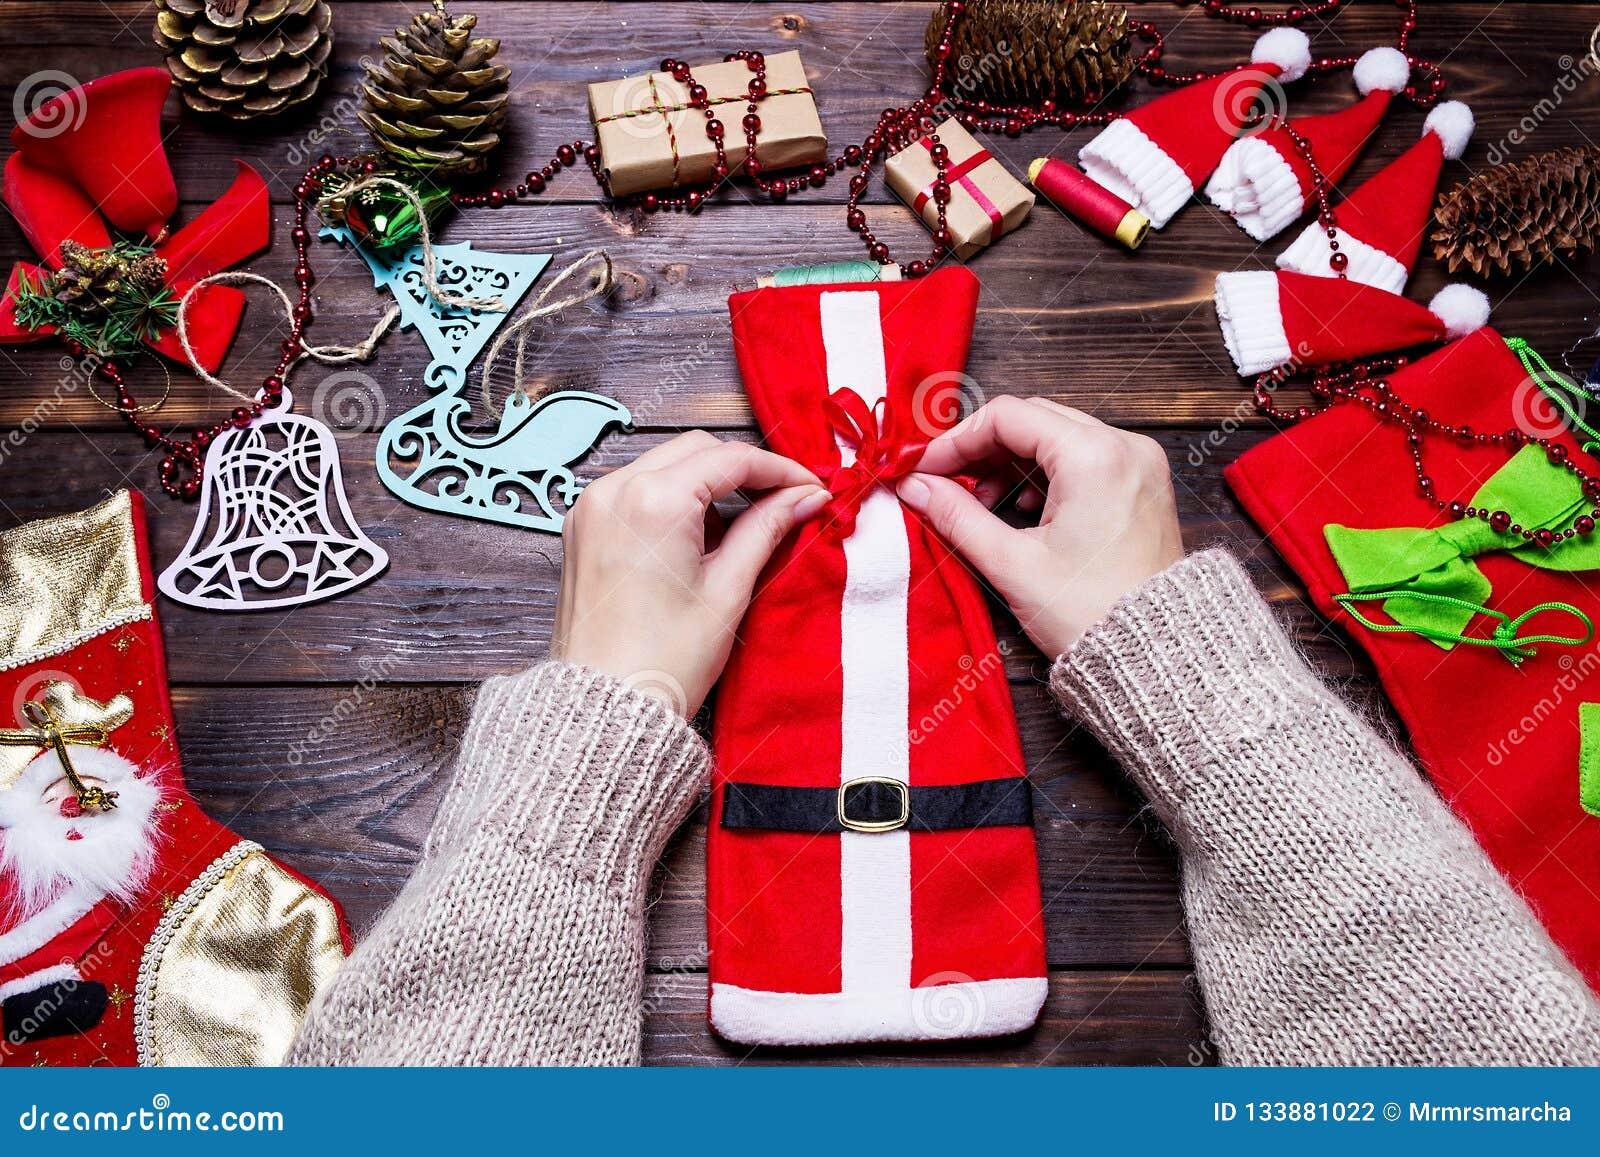 Regali Di Natale Ragazza.La Ragazza Fa I Regali Di Natale Su Una Tavola Di Legno Scura